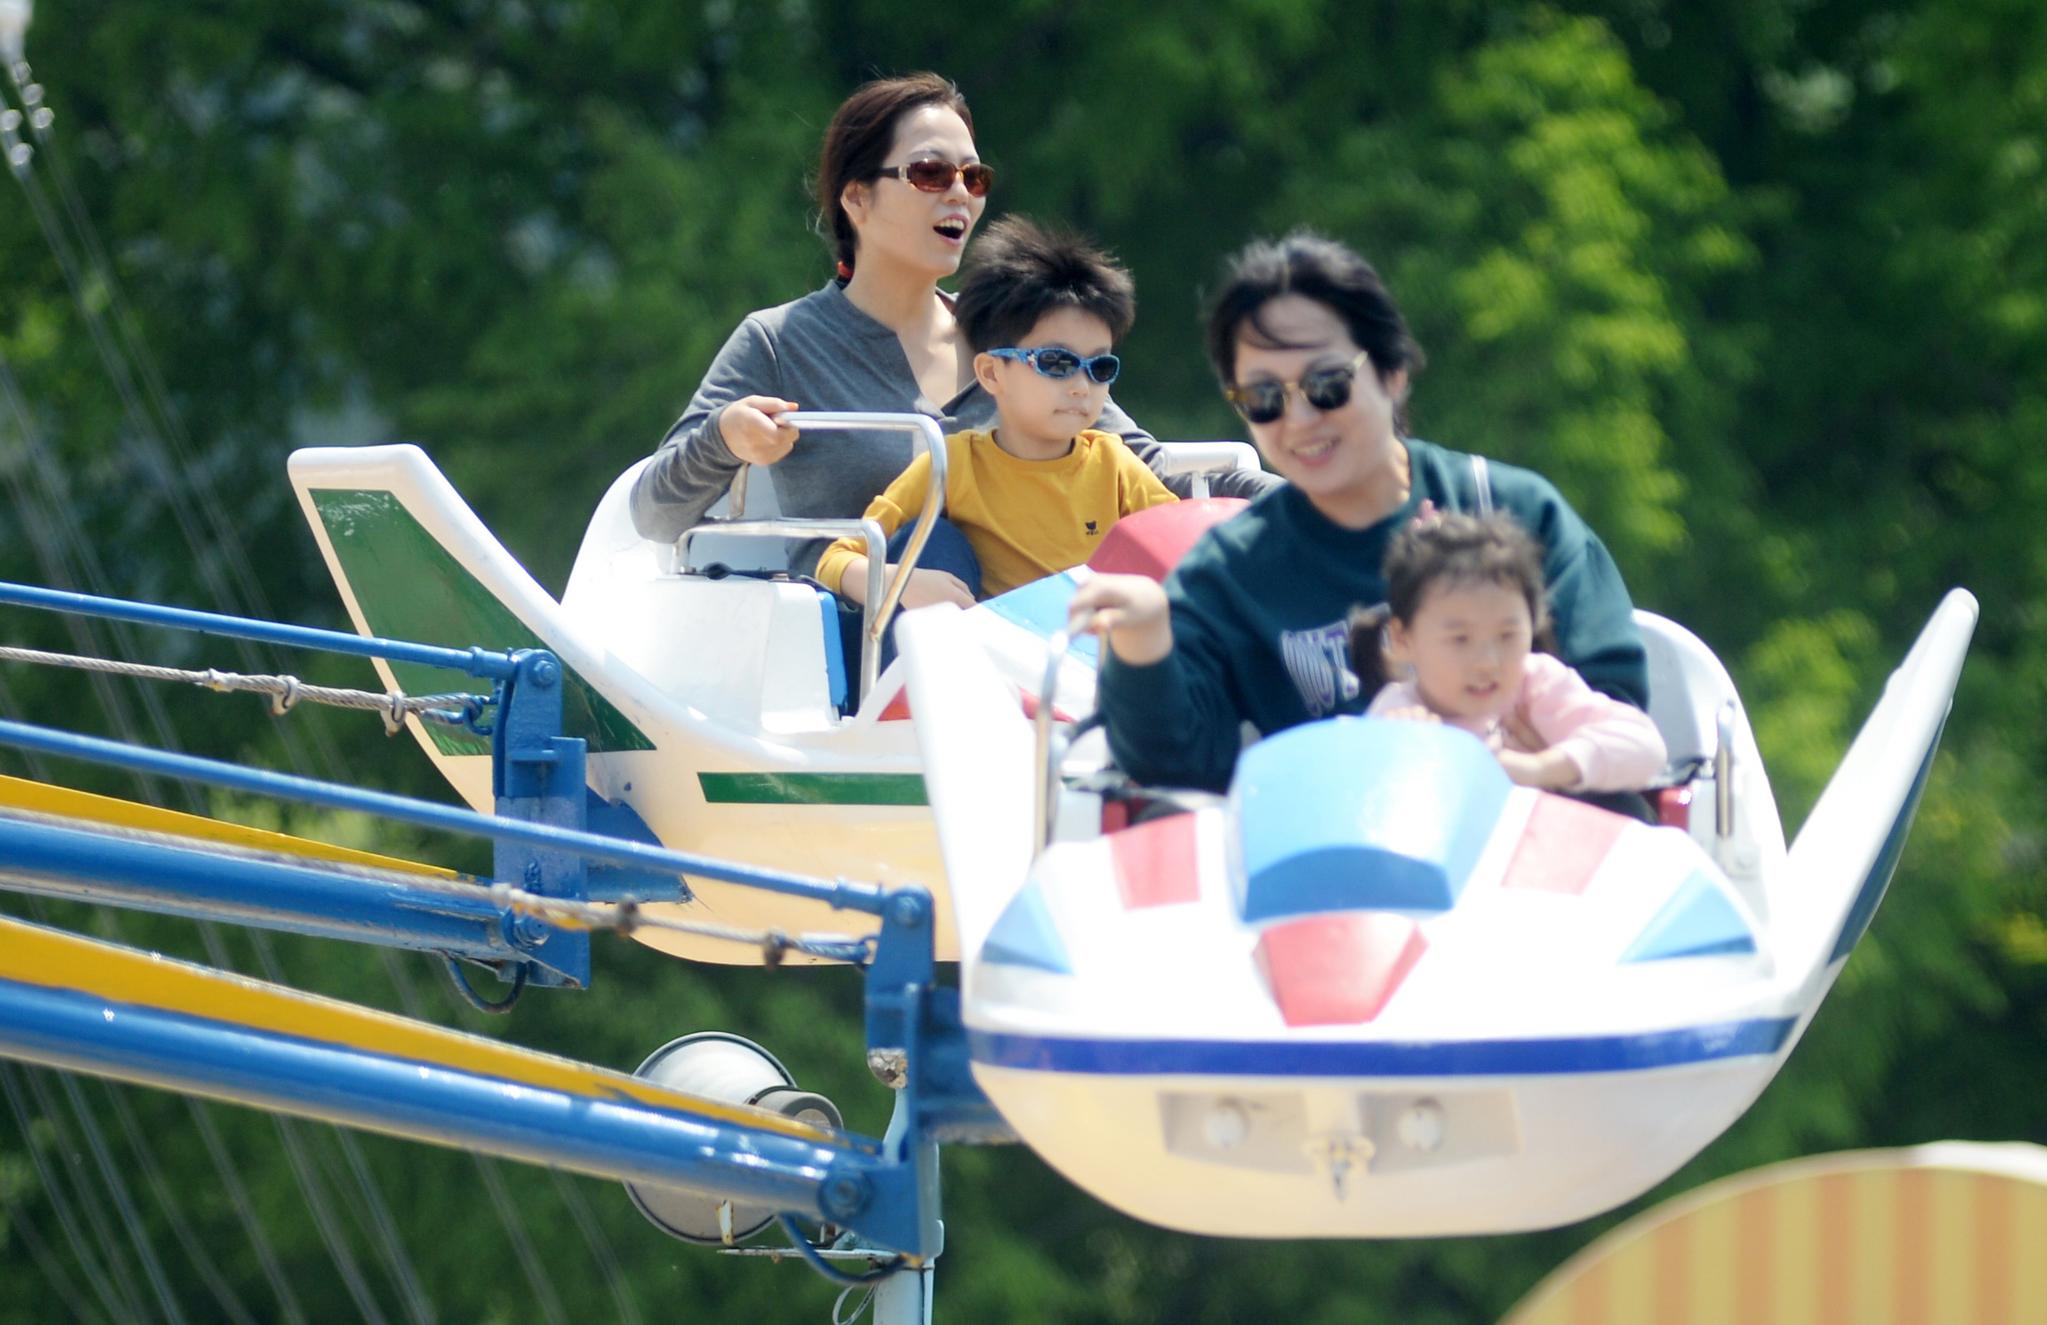 5일 전북 전주동물원 놀이동산을 찾은 부모와 어린이들이 놀이기구를 타며 즐거워하고 있다. [뉴시스]